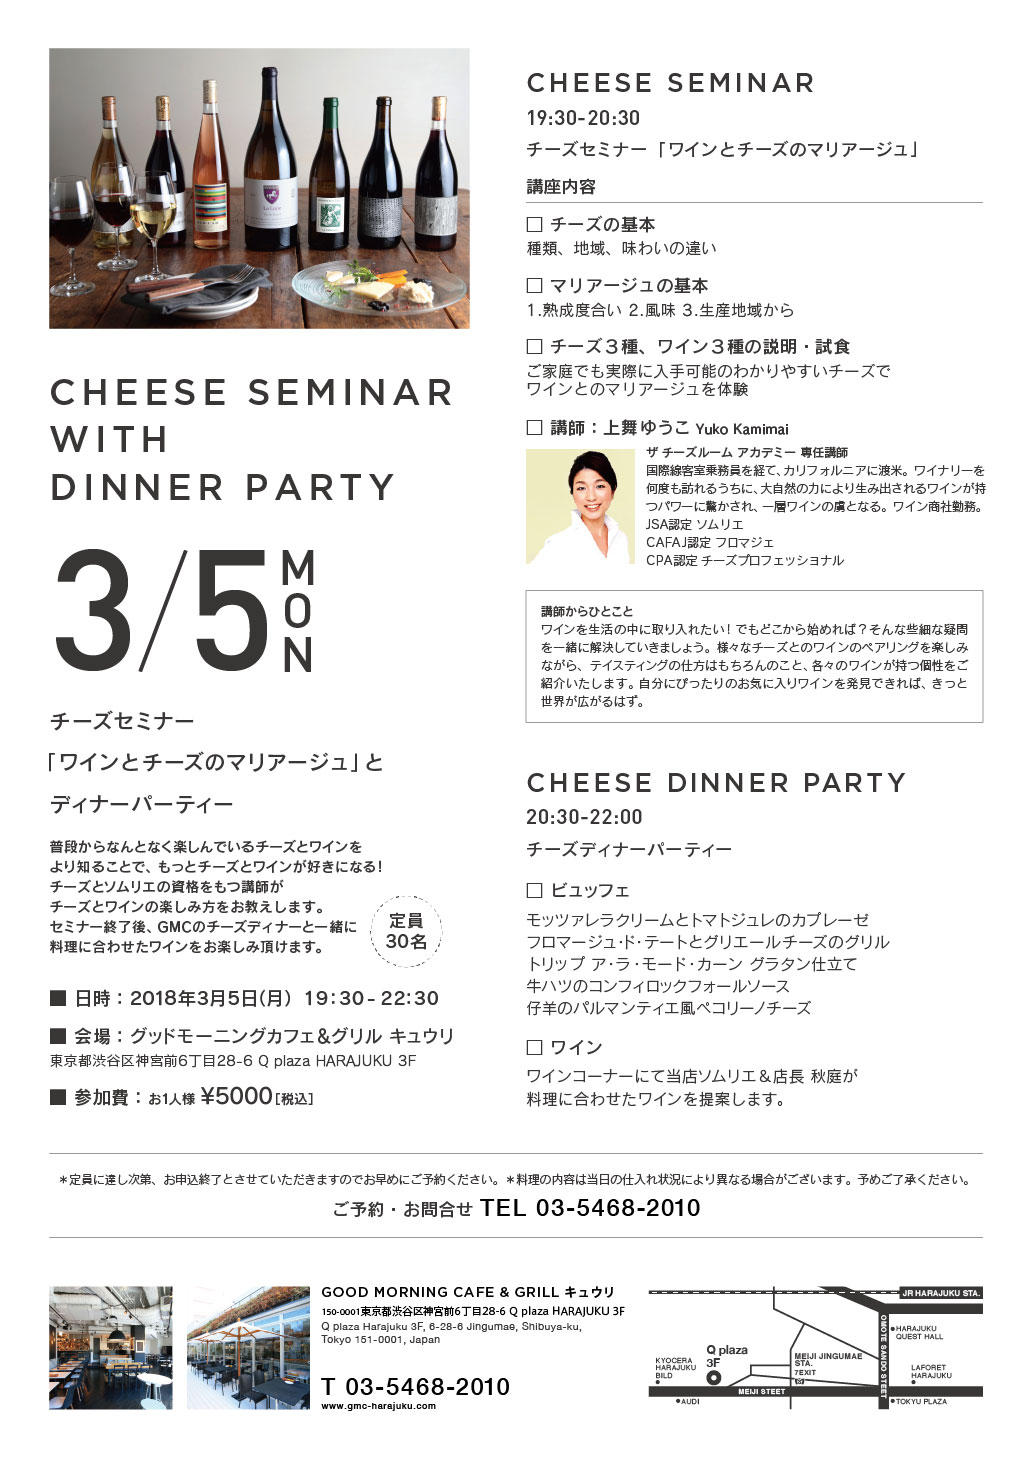 gmch_180209_cheese_main.jpg